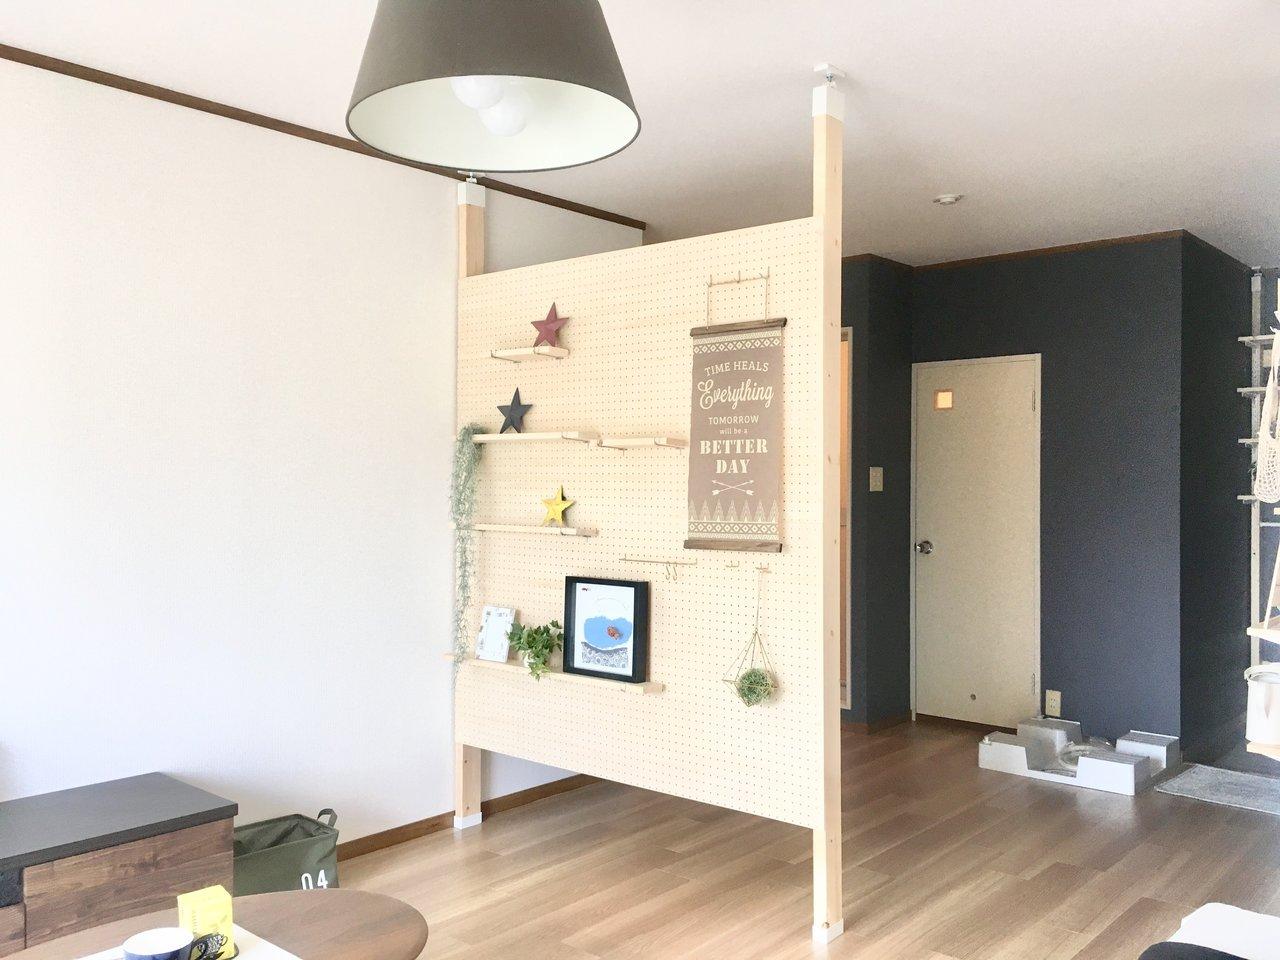 「有孔ボードのある部屋」で、壁を自分好みに飾りませんか。